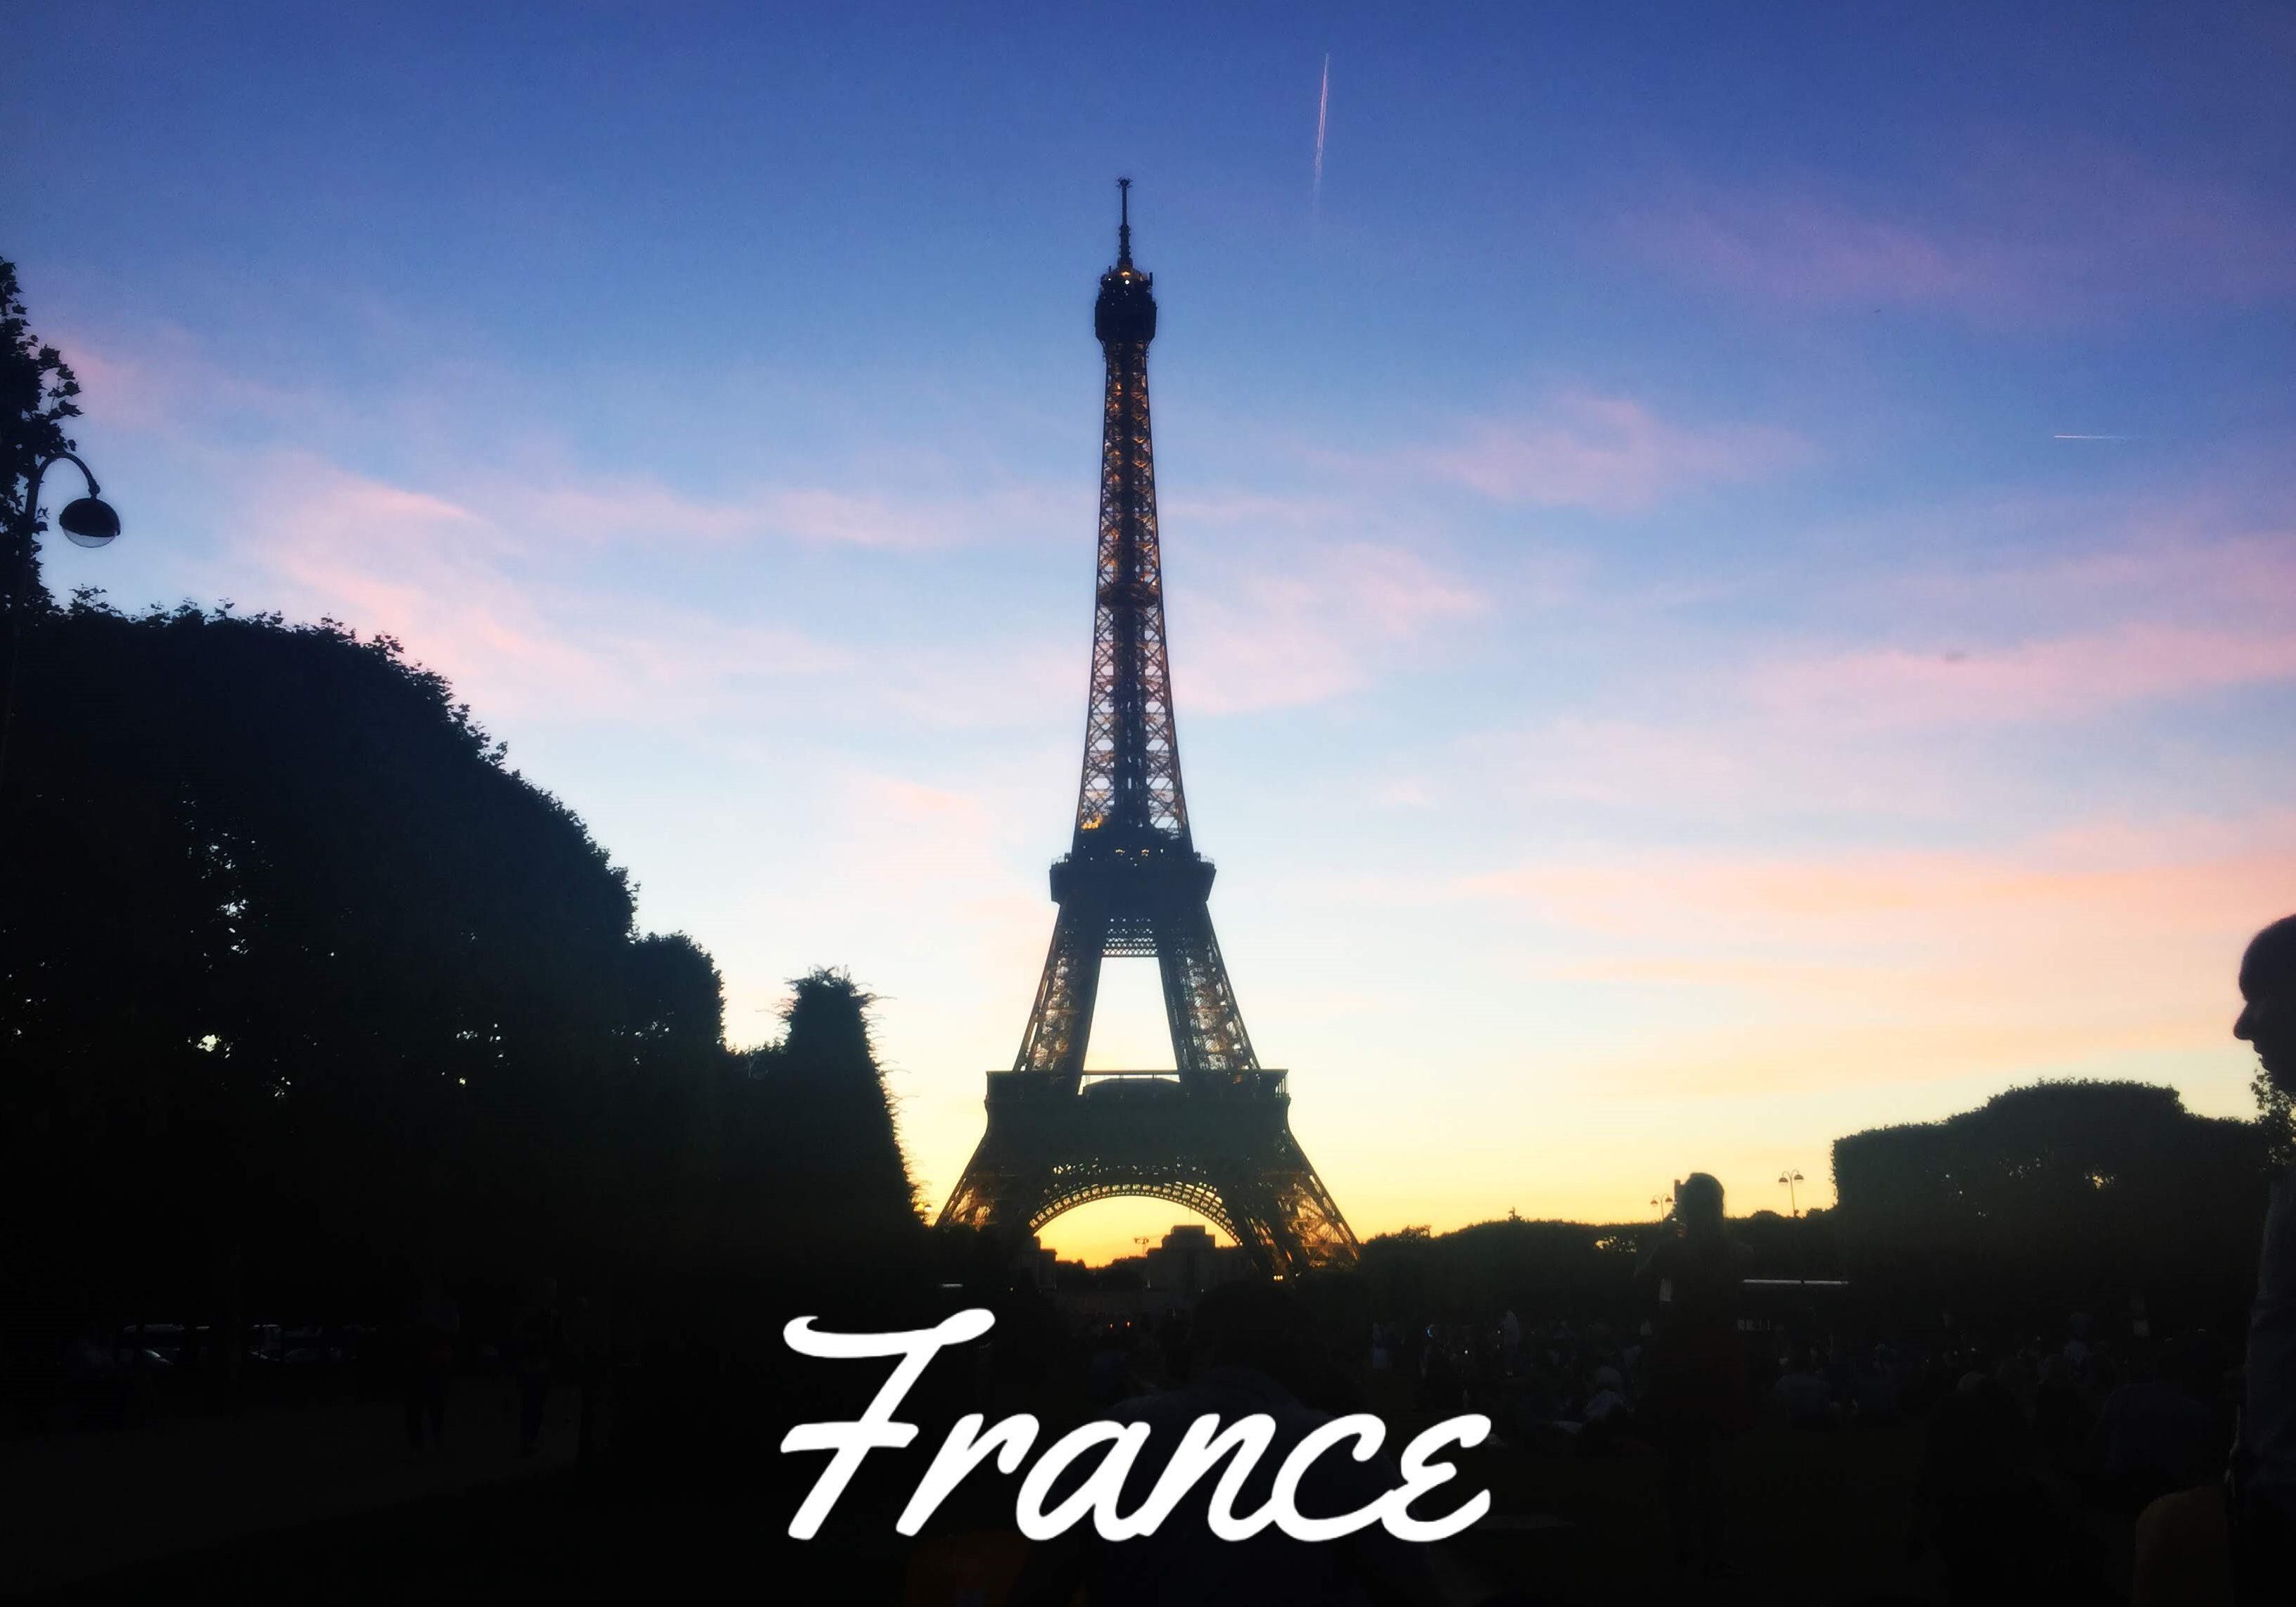 France, wanderdaze, blog, travelling, travel blog,